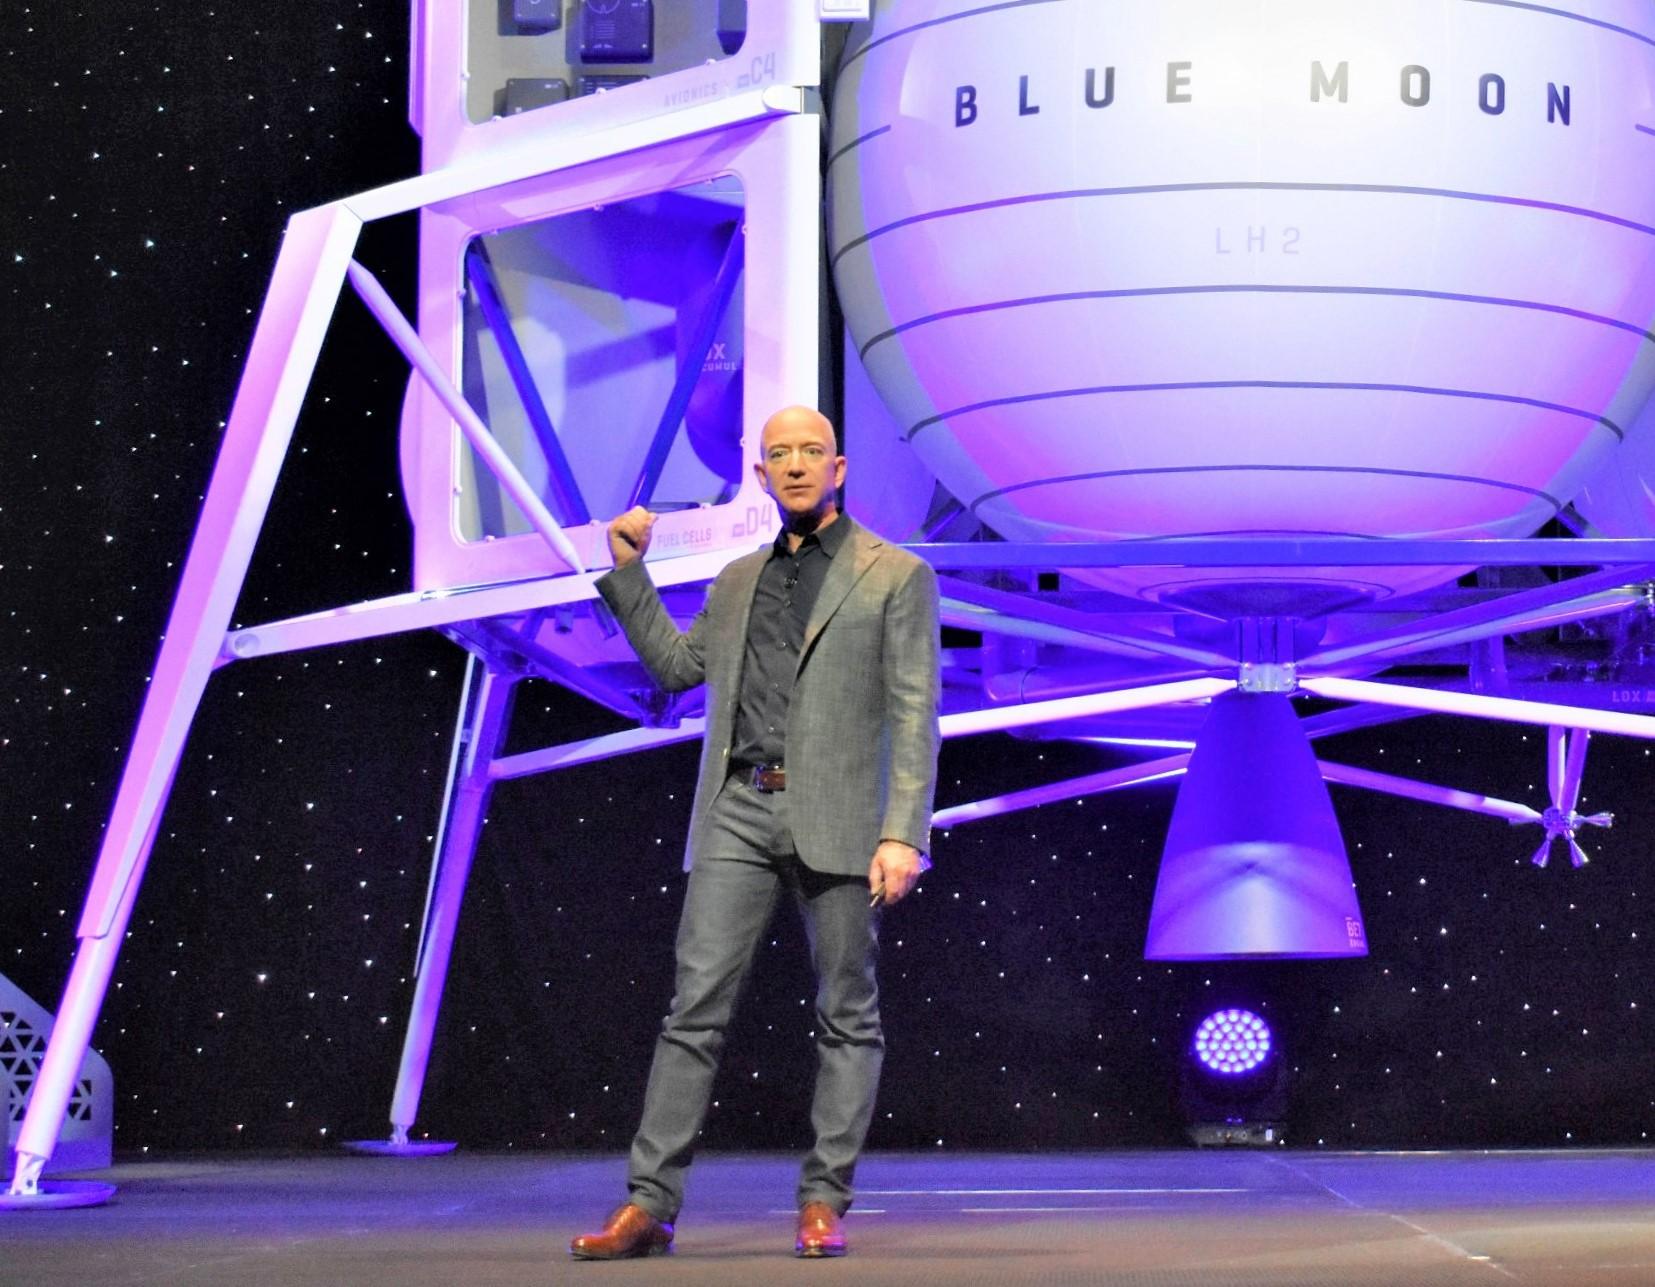 Jeff Bezos' Blue Origin space venture approaches period of maximum dynamic pressure